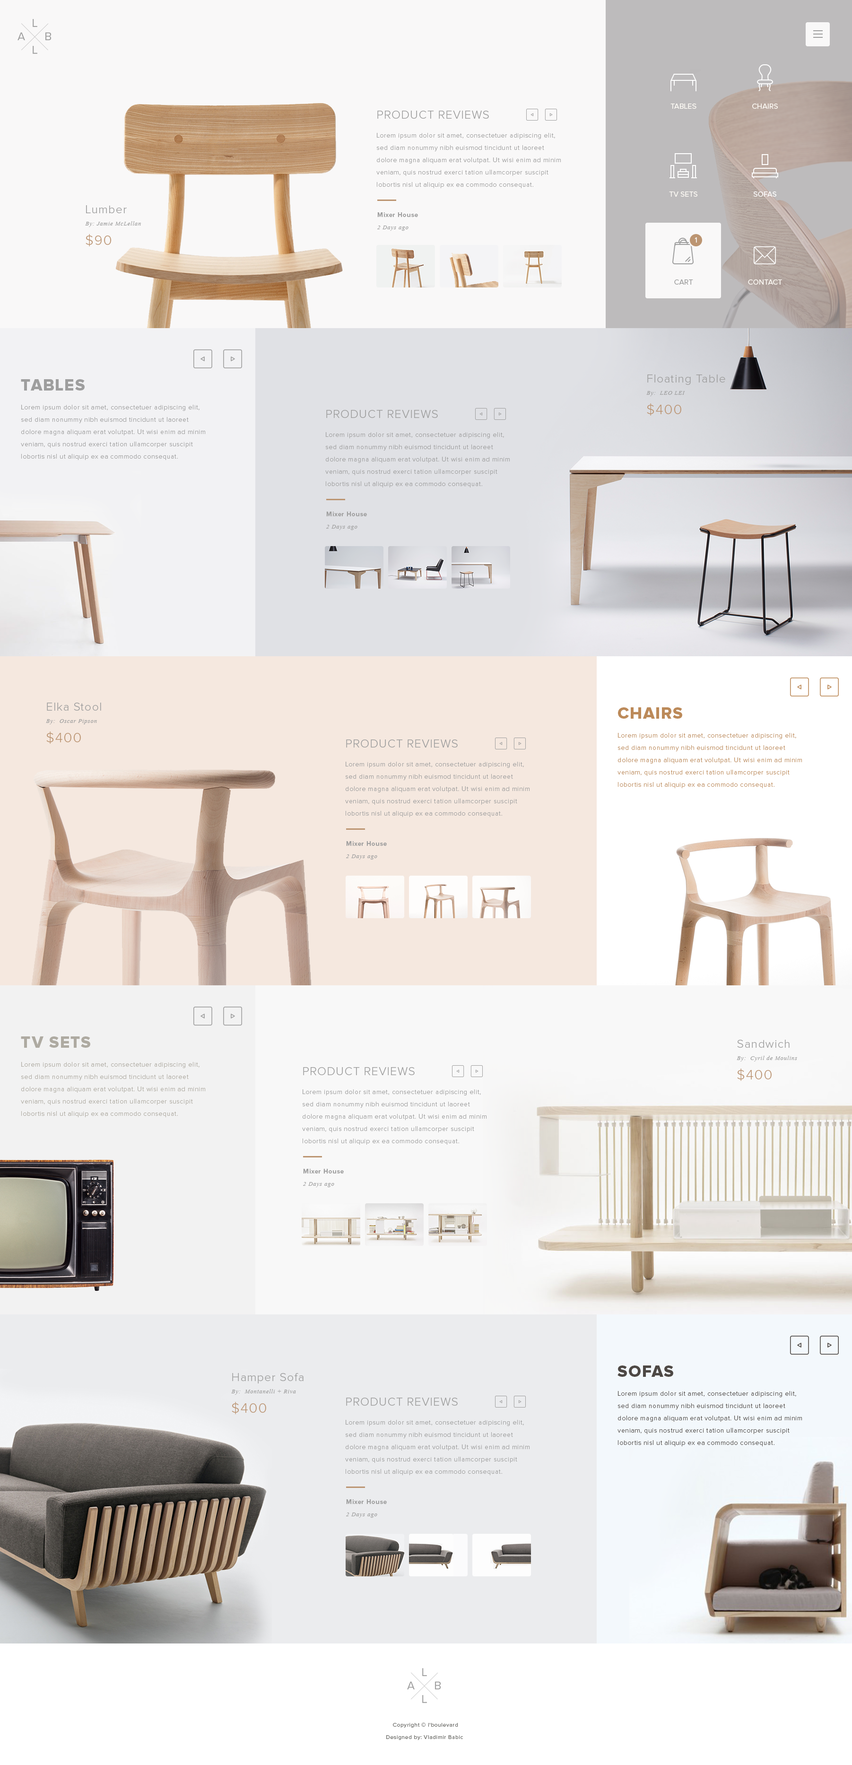 silla moderna catalogue pinterest web design inspiration web rh pinterest com